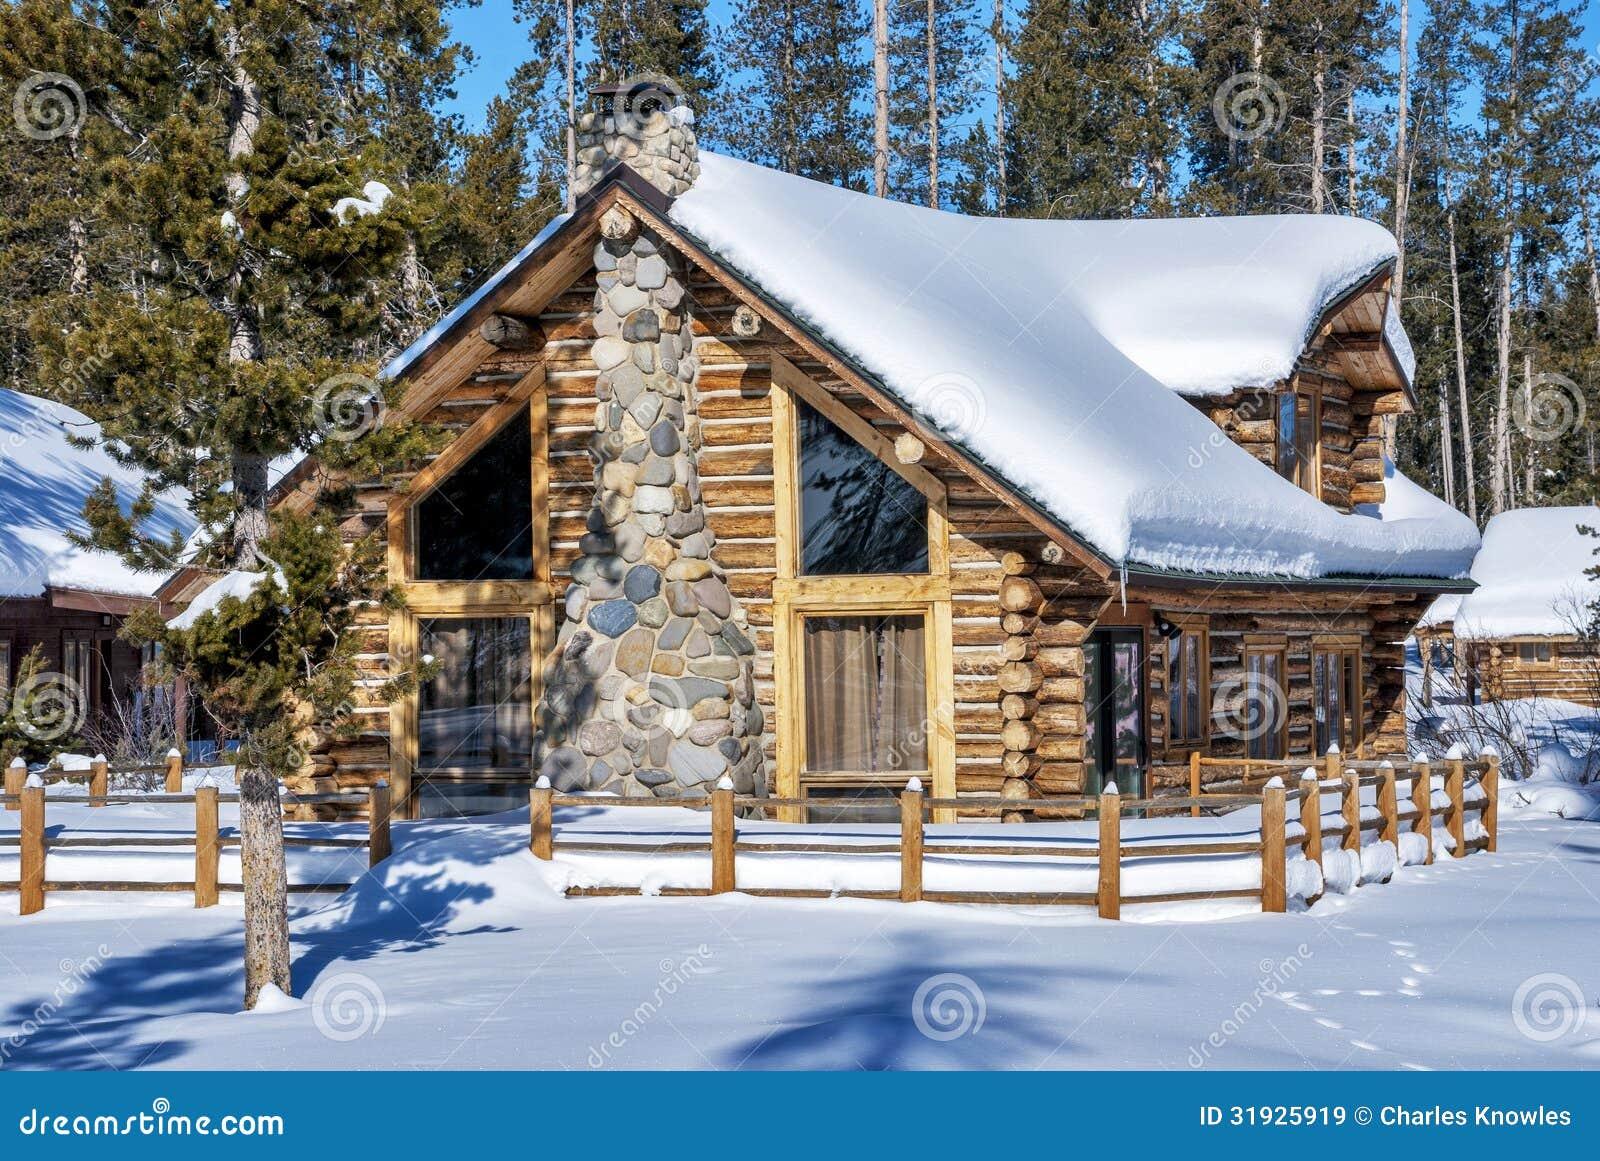 Caba a de madera en el bosque del invierno de idaho - Cabana invierno ...